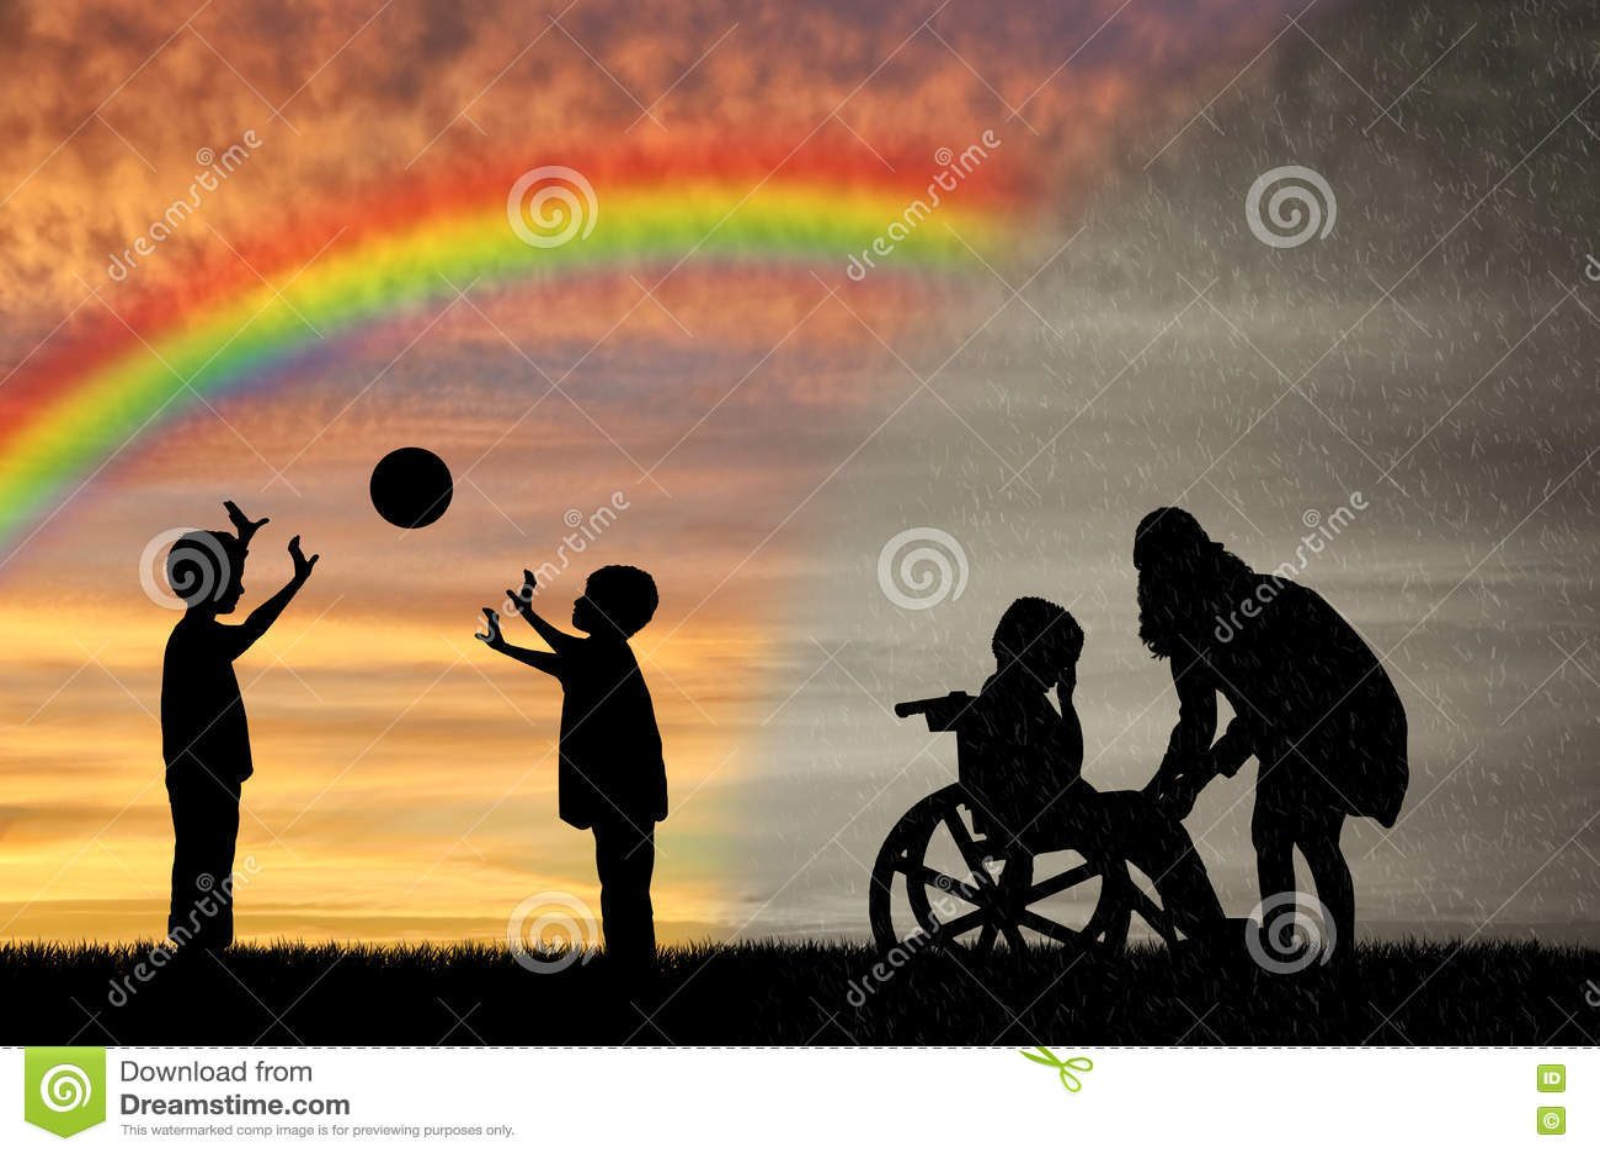 Gridare Nel Disabile Della Madre Suo Rotelle A Ed Bambino Sedia WEHI9eYD2